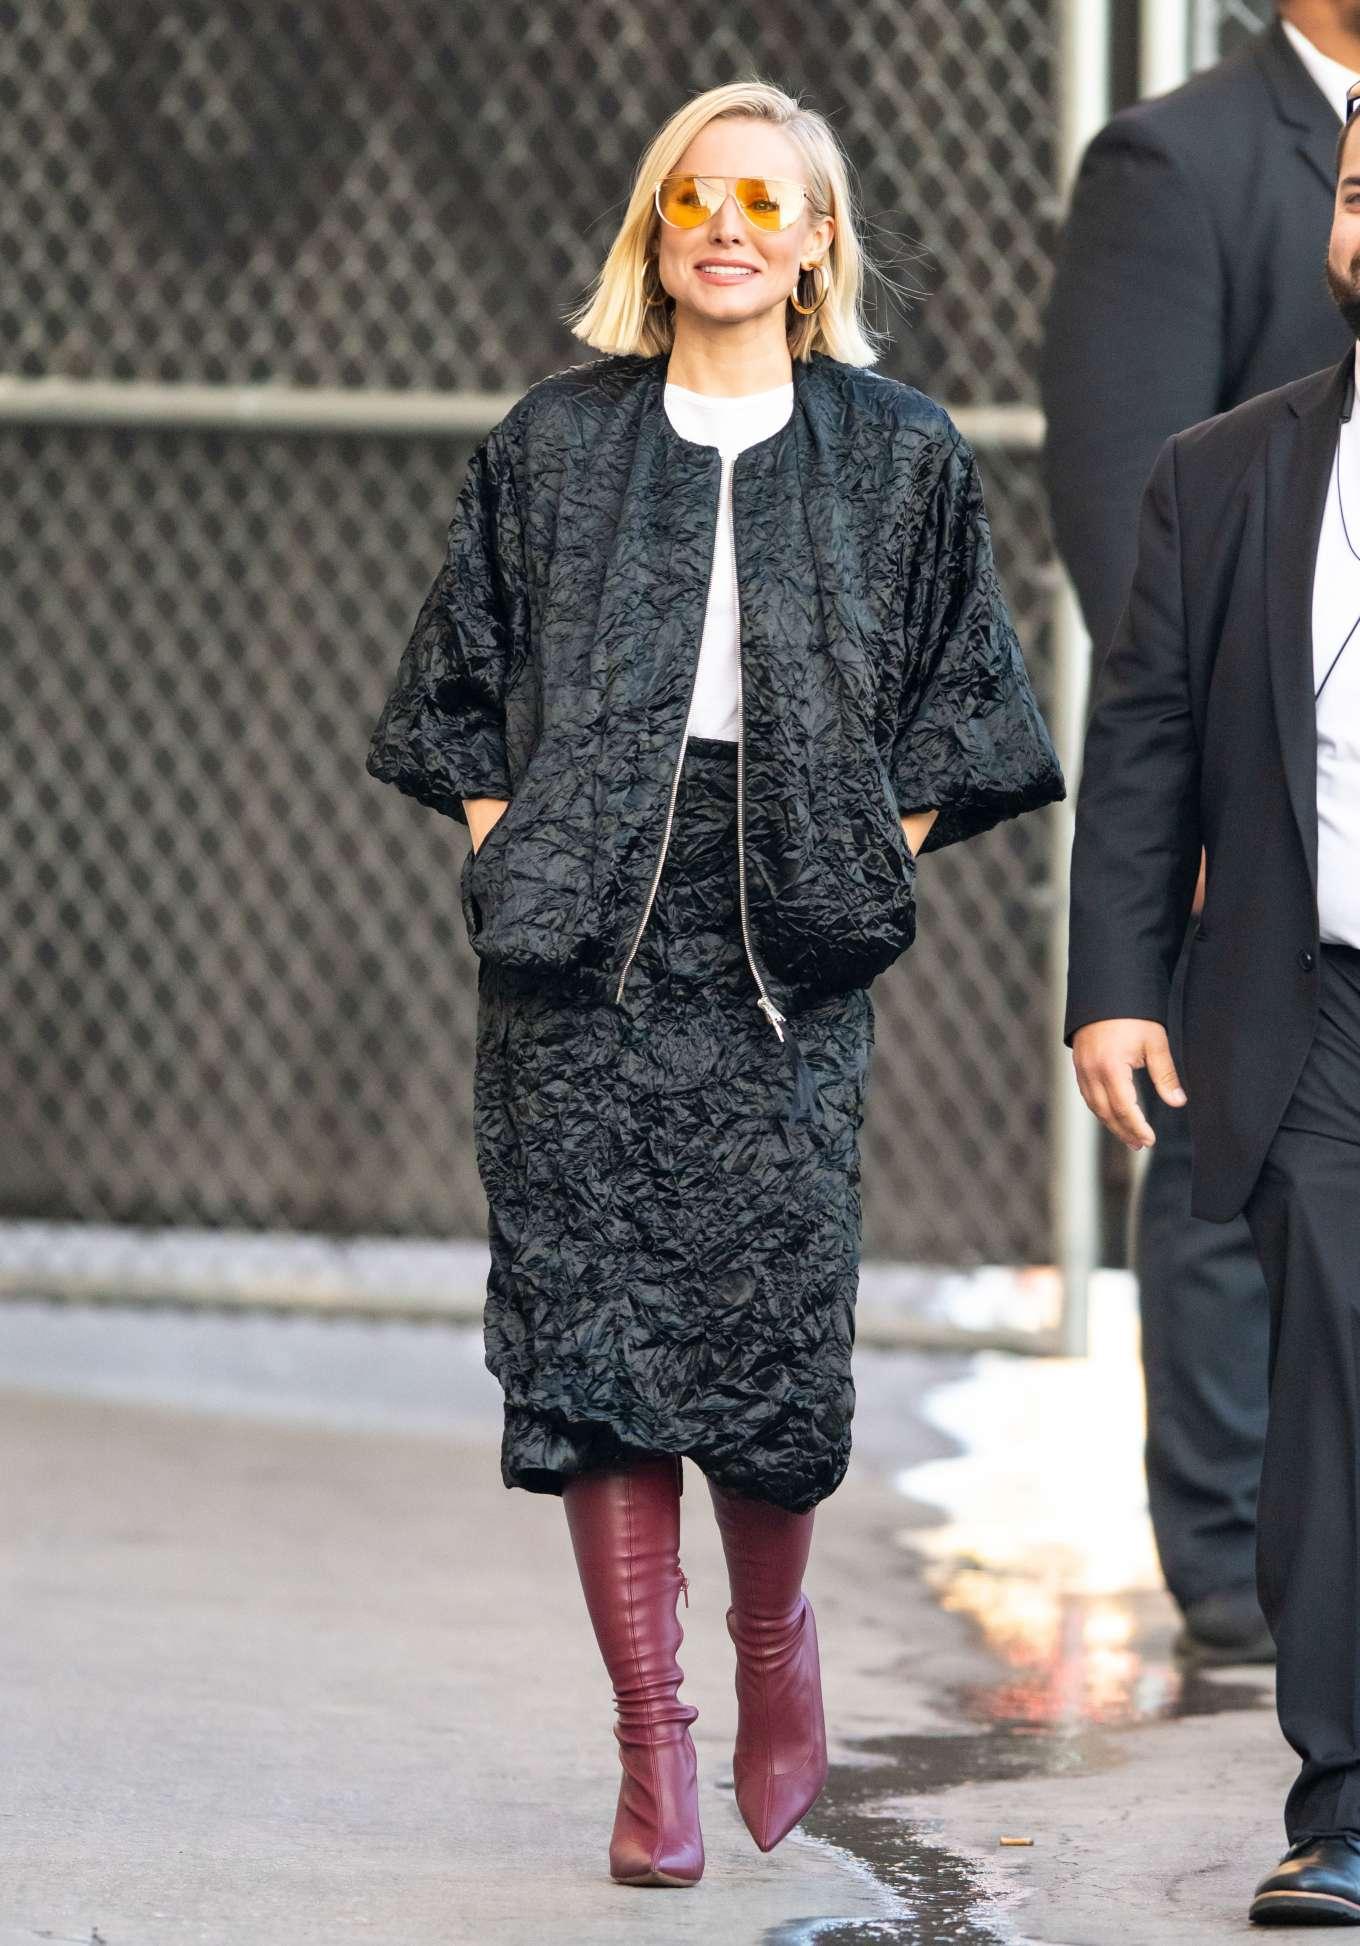 Kristen Bell 2019 : Kristen Bell – Arriving for Jimmy Kimmel in Los Angeles-12